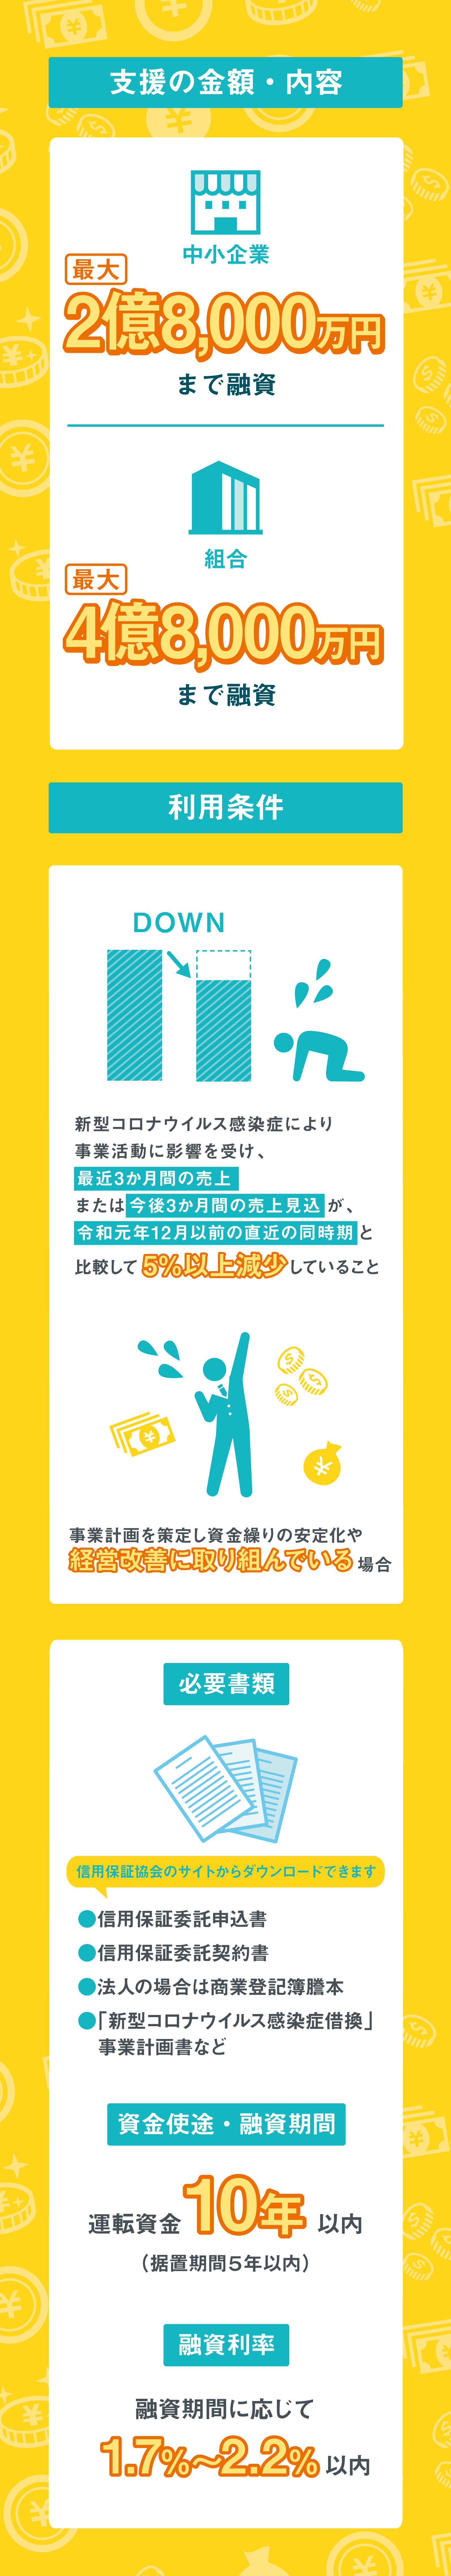 7120dfa42b1eca8133d1e49f31dc27f0 - 【中小企業向け】少しでも業績悪化した場合、融資を受けることができます。(すでに融資を受けている場合、融資の借換ができます。)